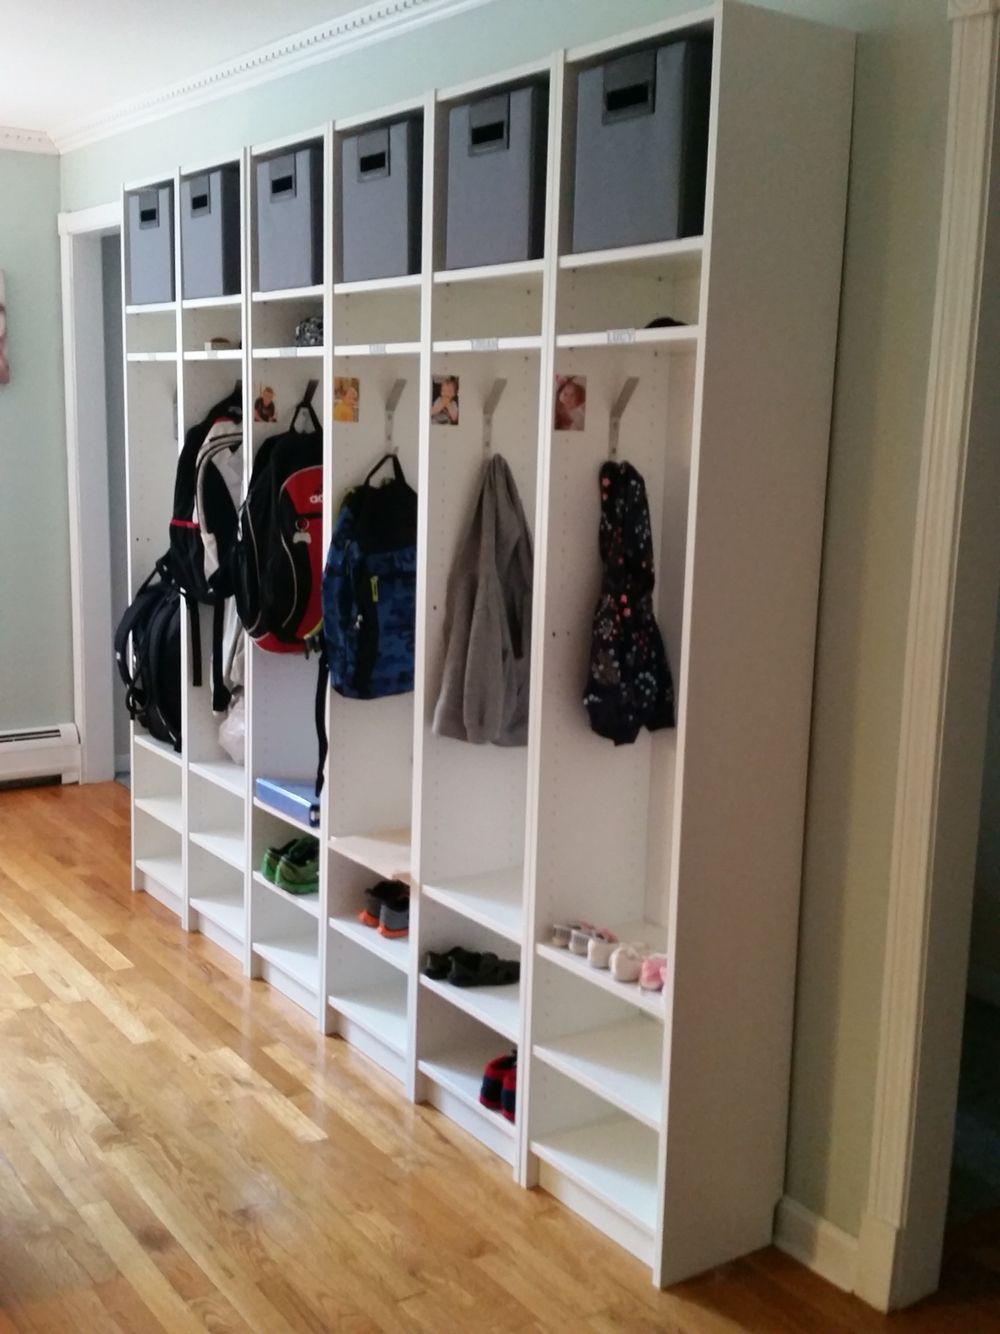 Full Size of Ikea Hacks Aufbewahrung Hack Billy Bookcases Turned Cubbies With Images Küche Kaufen Sofa Mit Schlaffunktion Modulküche Kosten Aufbewahrungsbox Garten Wohnzimmer Ikea Hacks Aufbewahrung